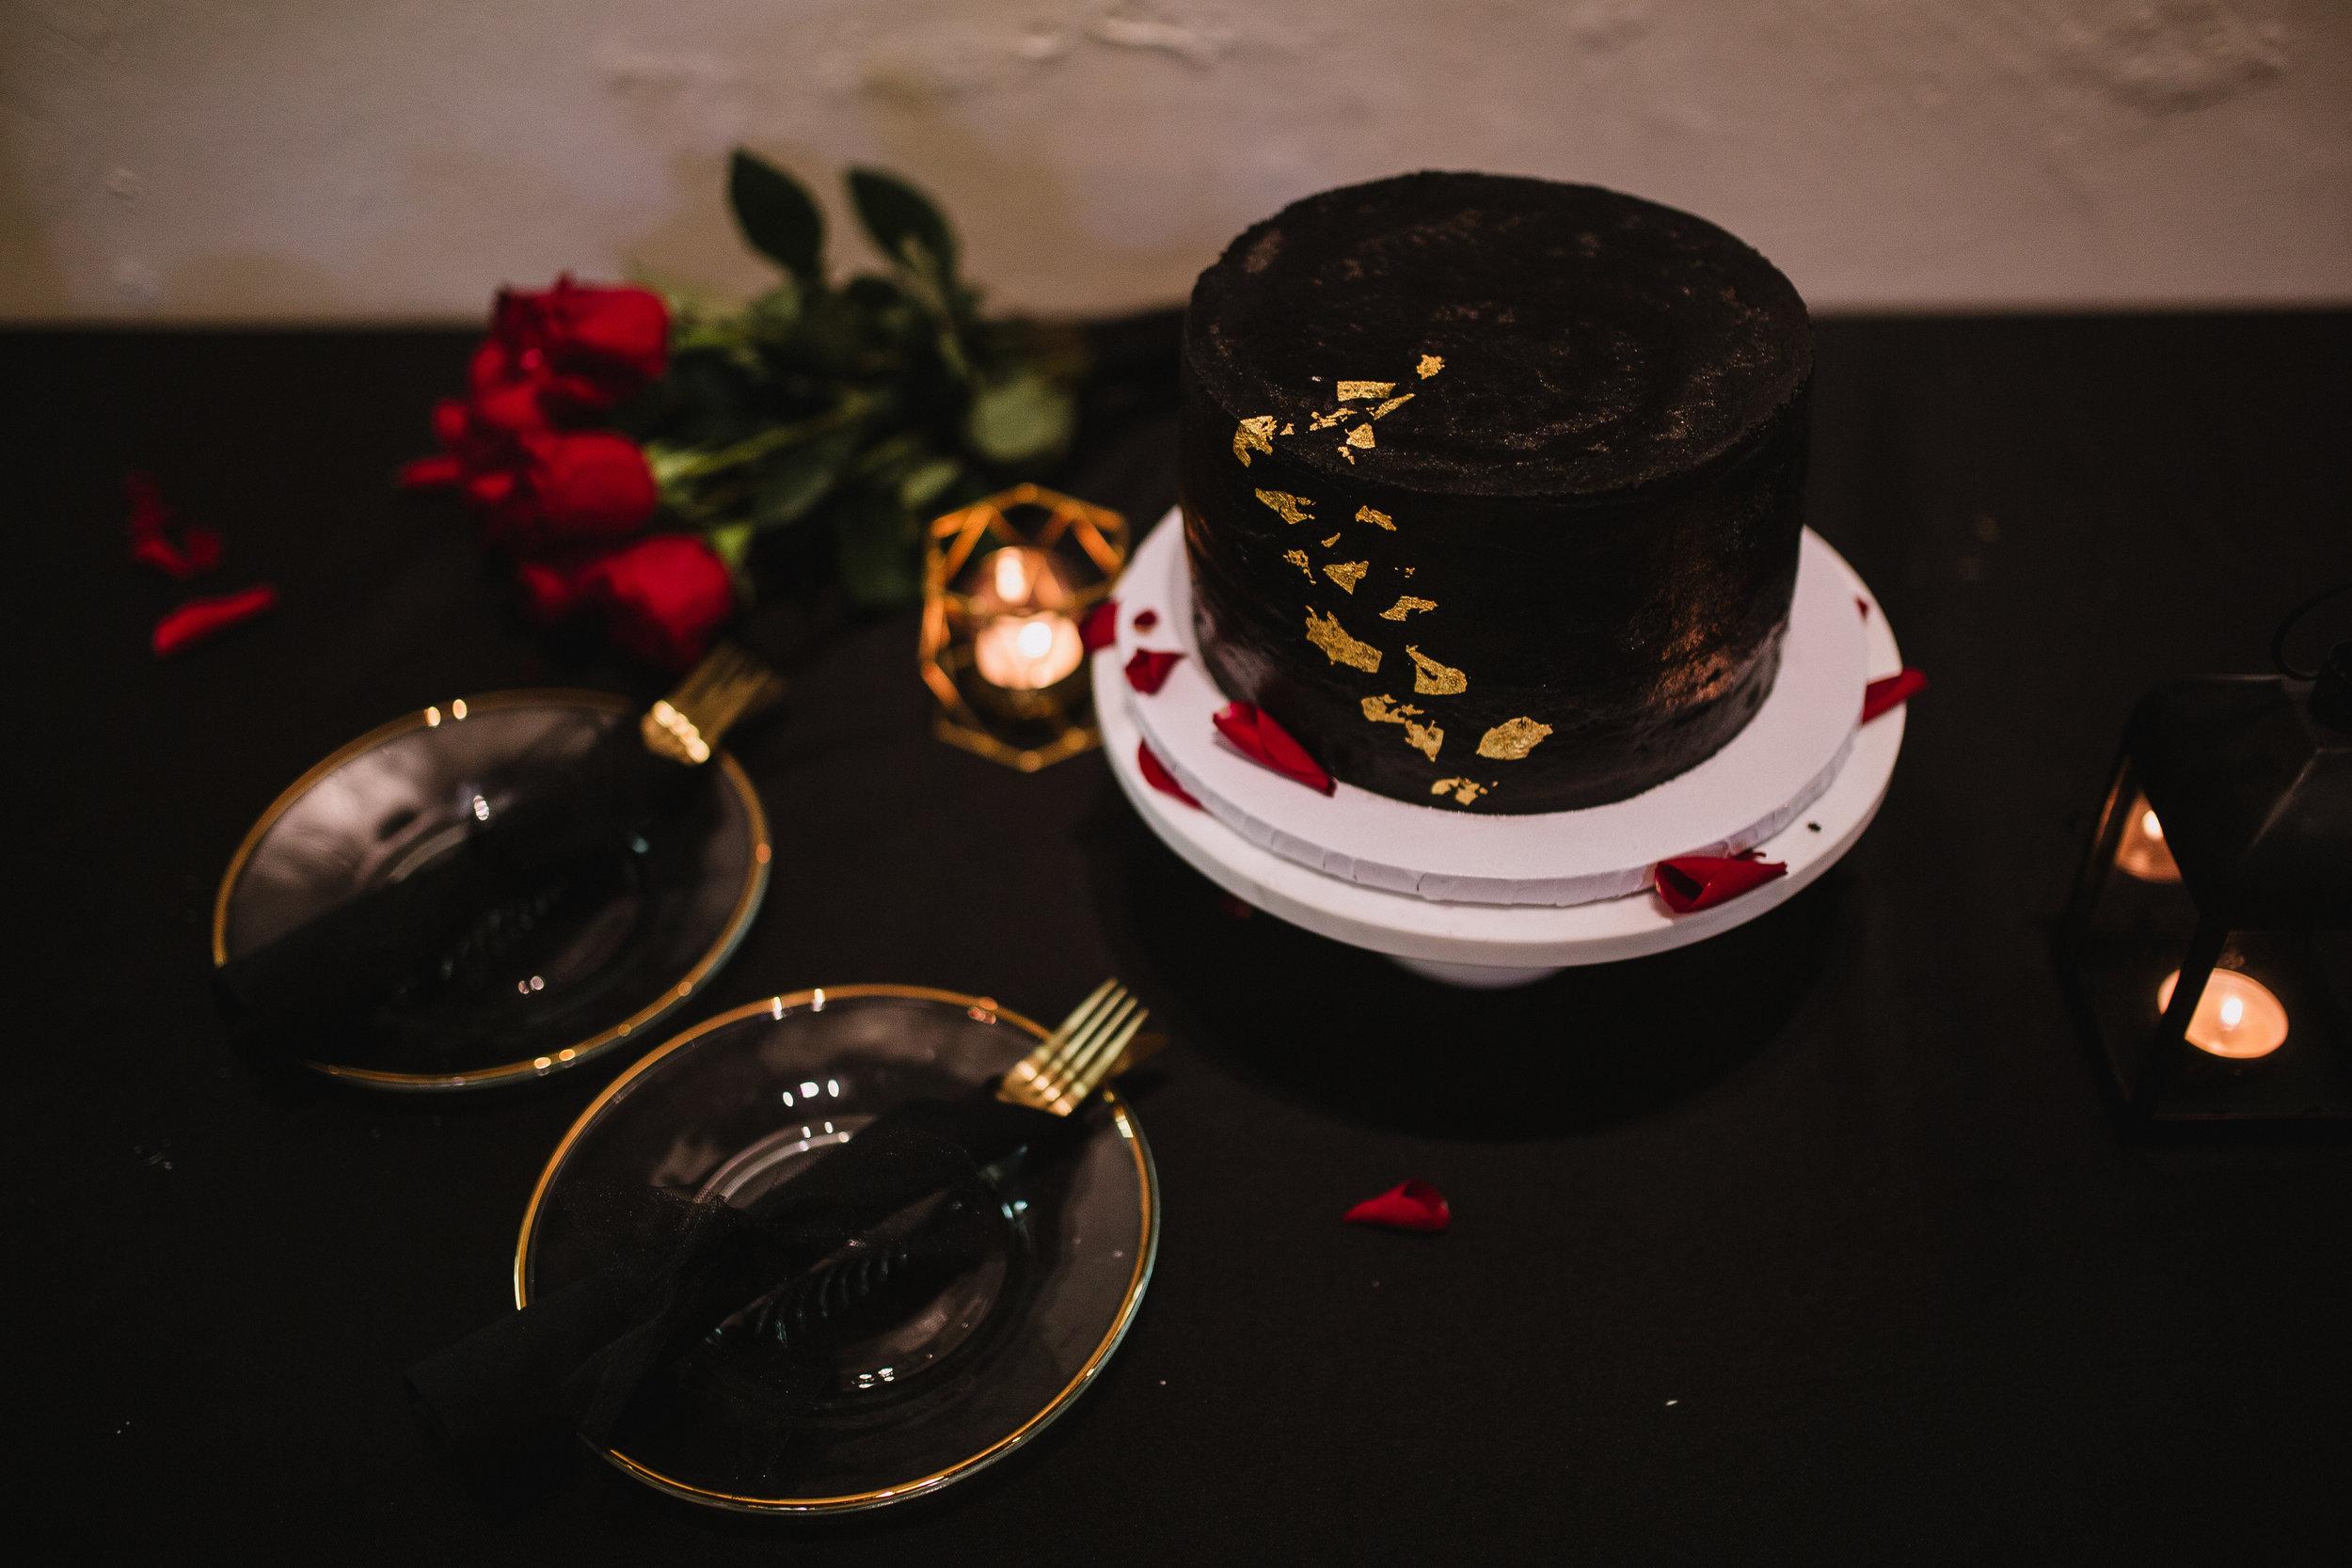 PUNK-WEDDING-PATTERNMAGAZINE-REAGANLYNNPHOTOGRAPHY-INDIANAPOLIS-INDIANA-9.jpg